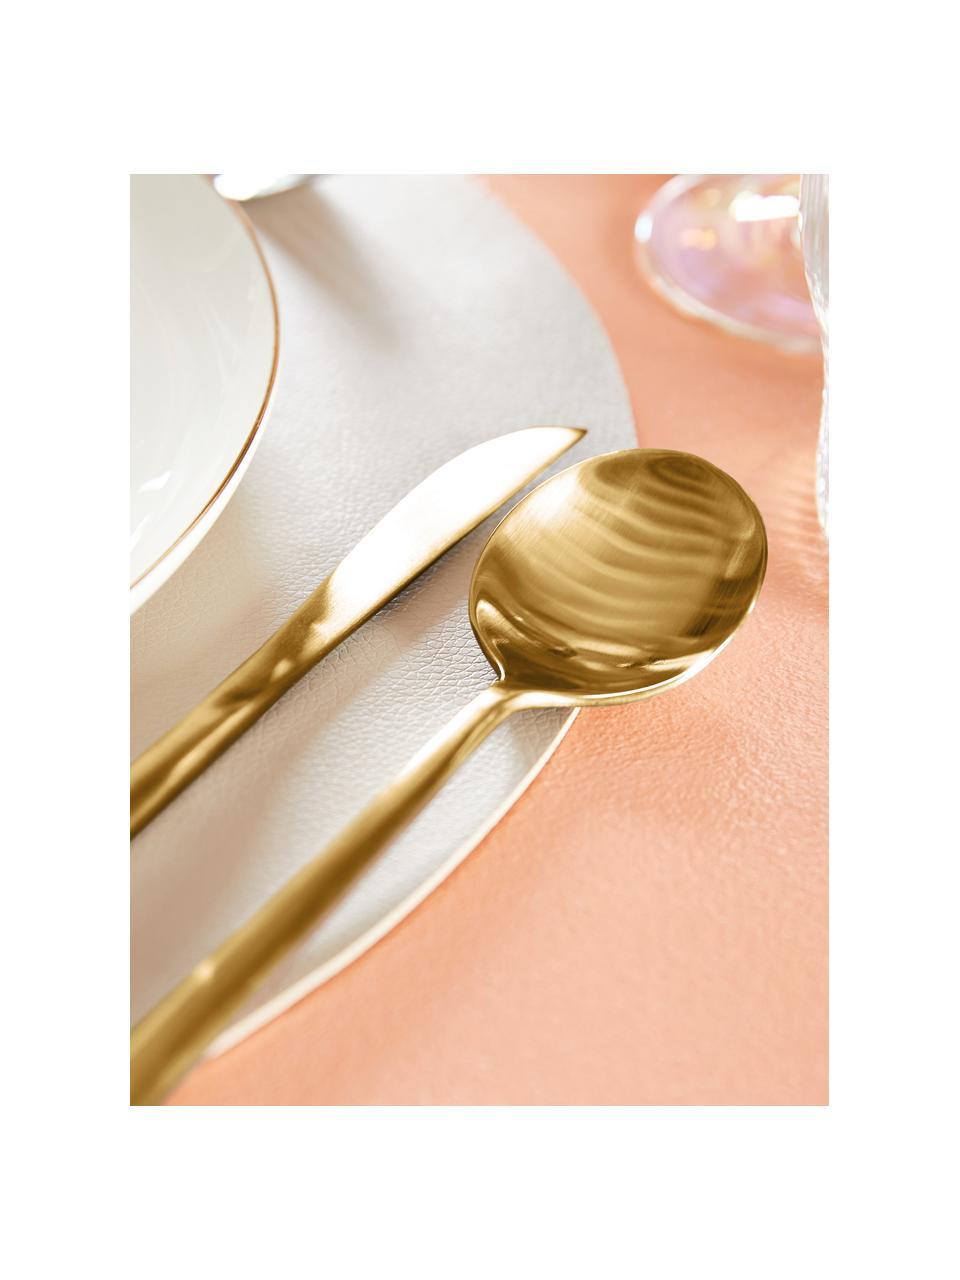 Komplet sztućców ze stali szlachetnej Shimmer, różne rozmiary kompletów, Złoty, 4 osoby (20 elem.)